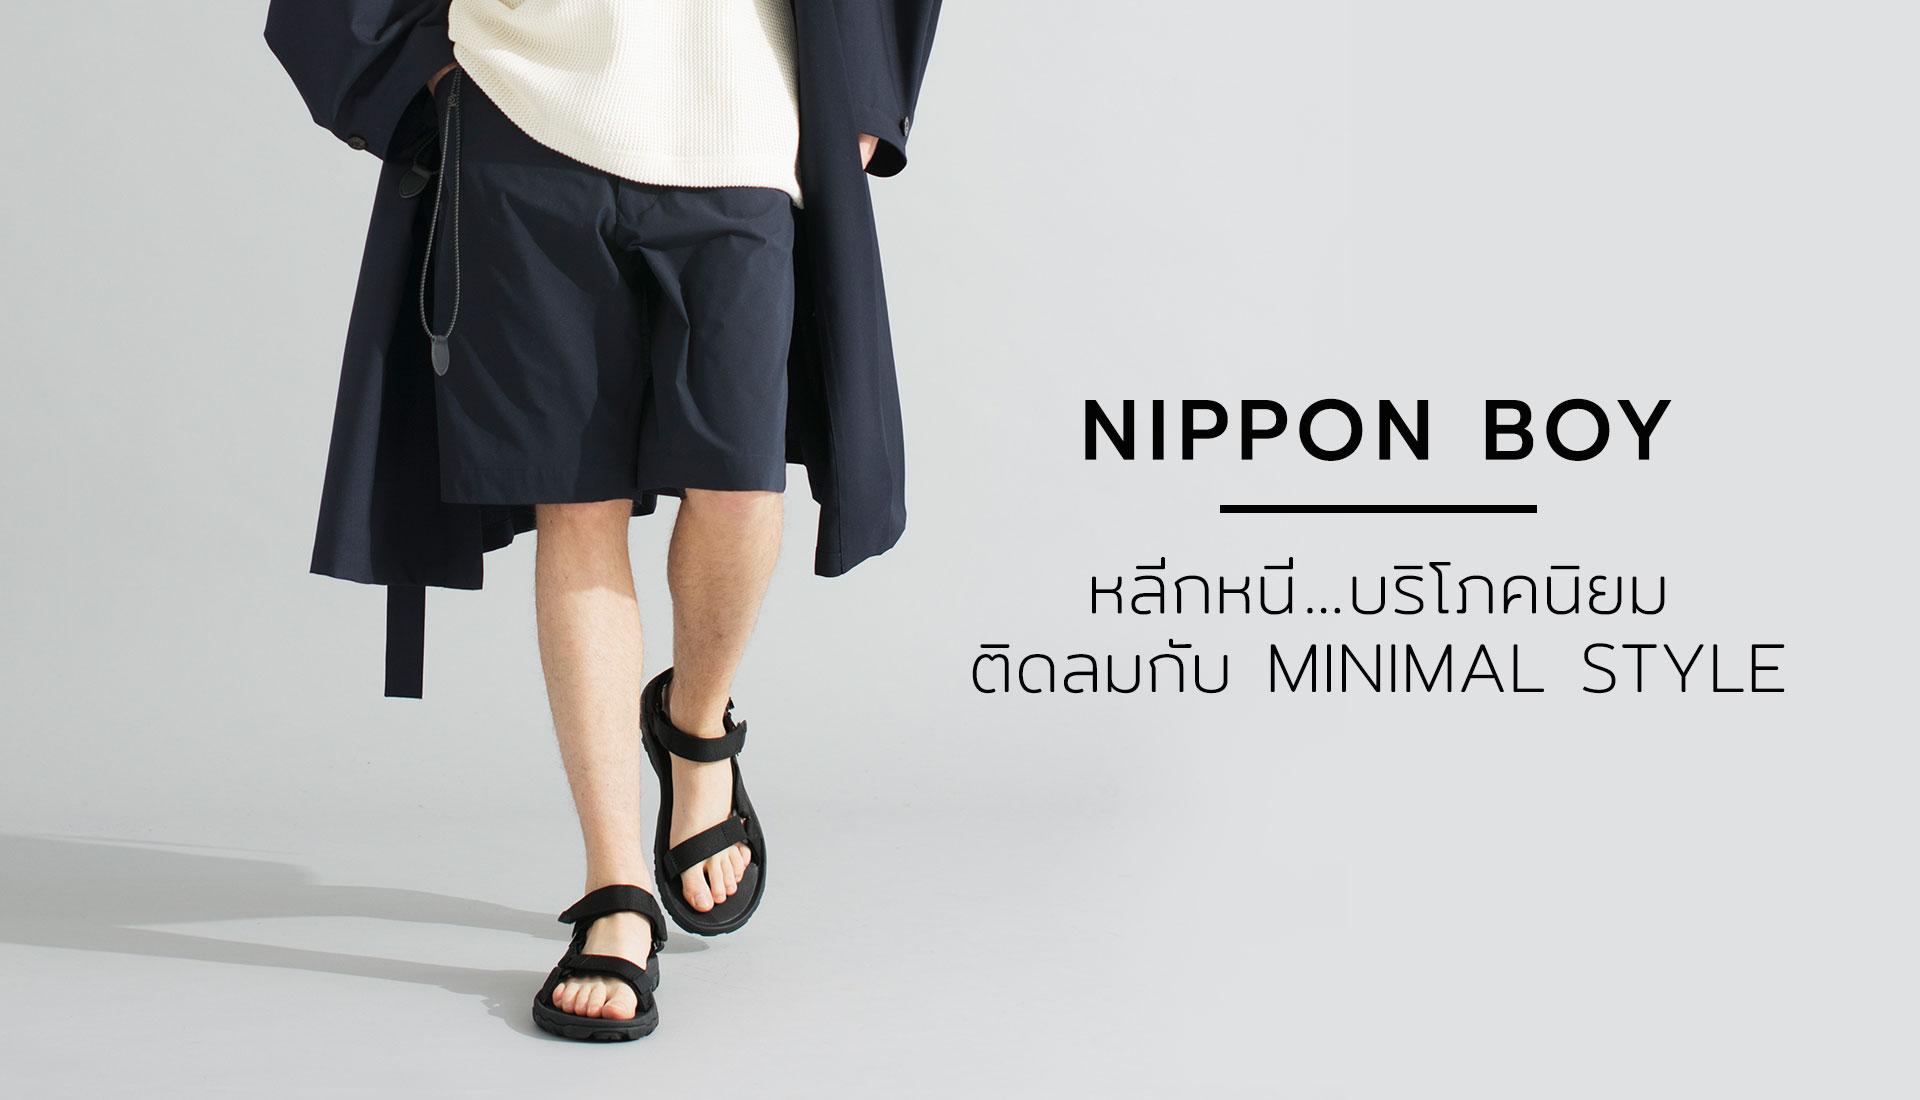 Nippon Boy